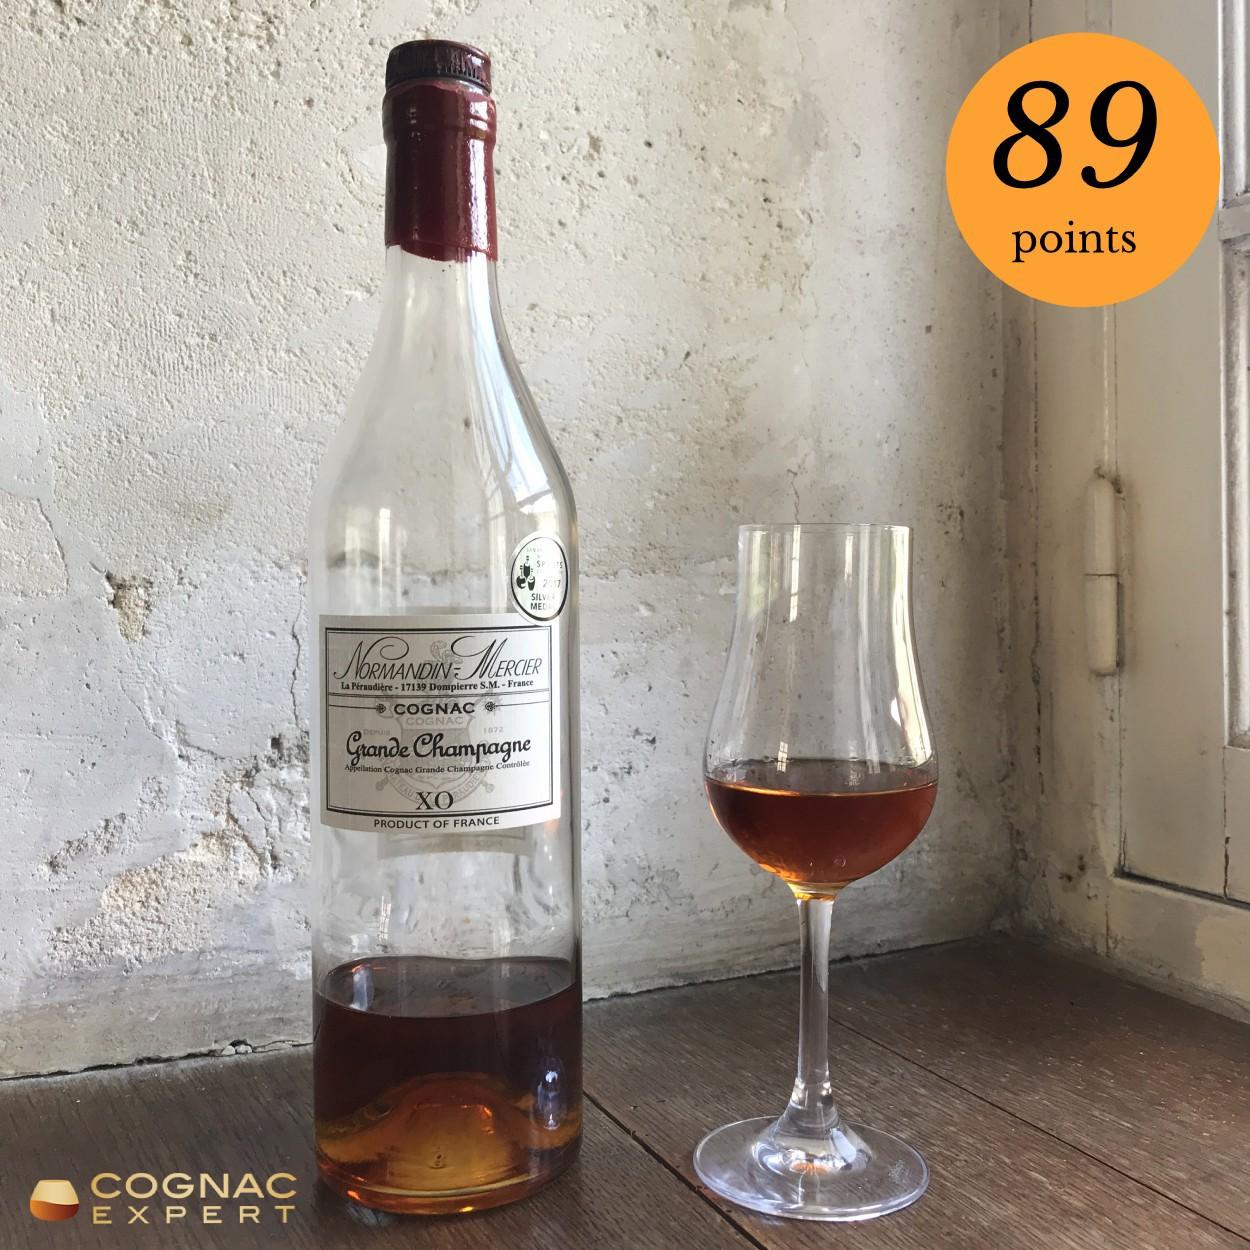 Normandin Mercier XO Cognac and glass